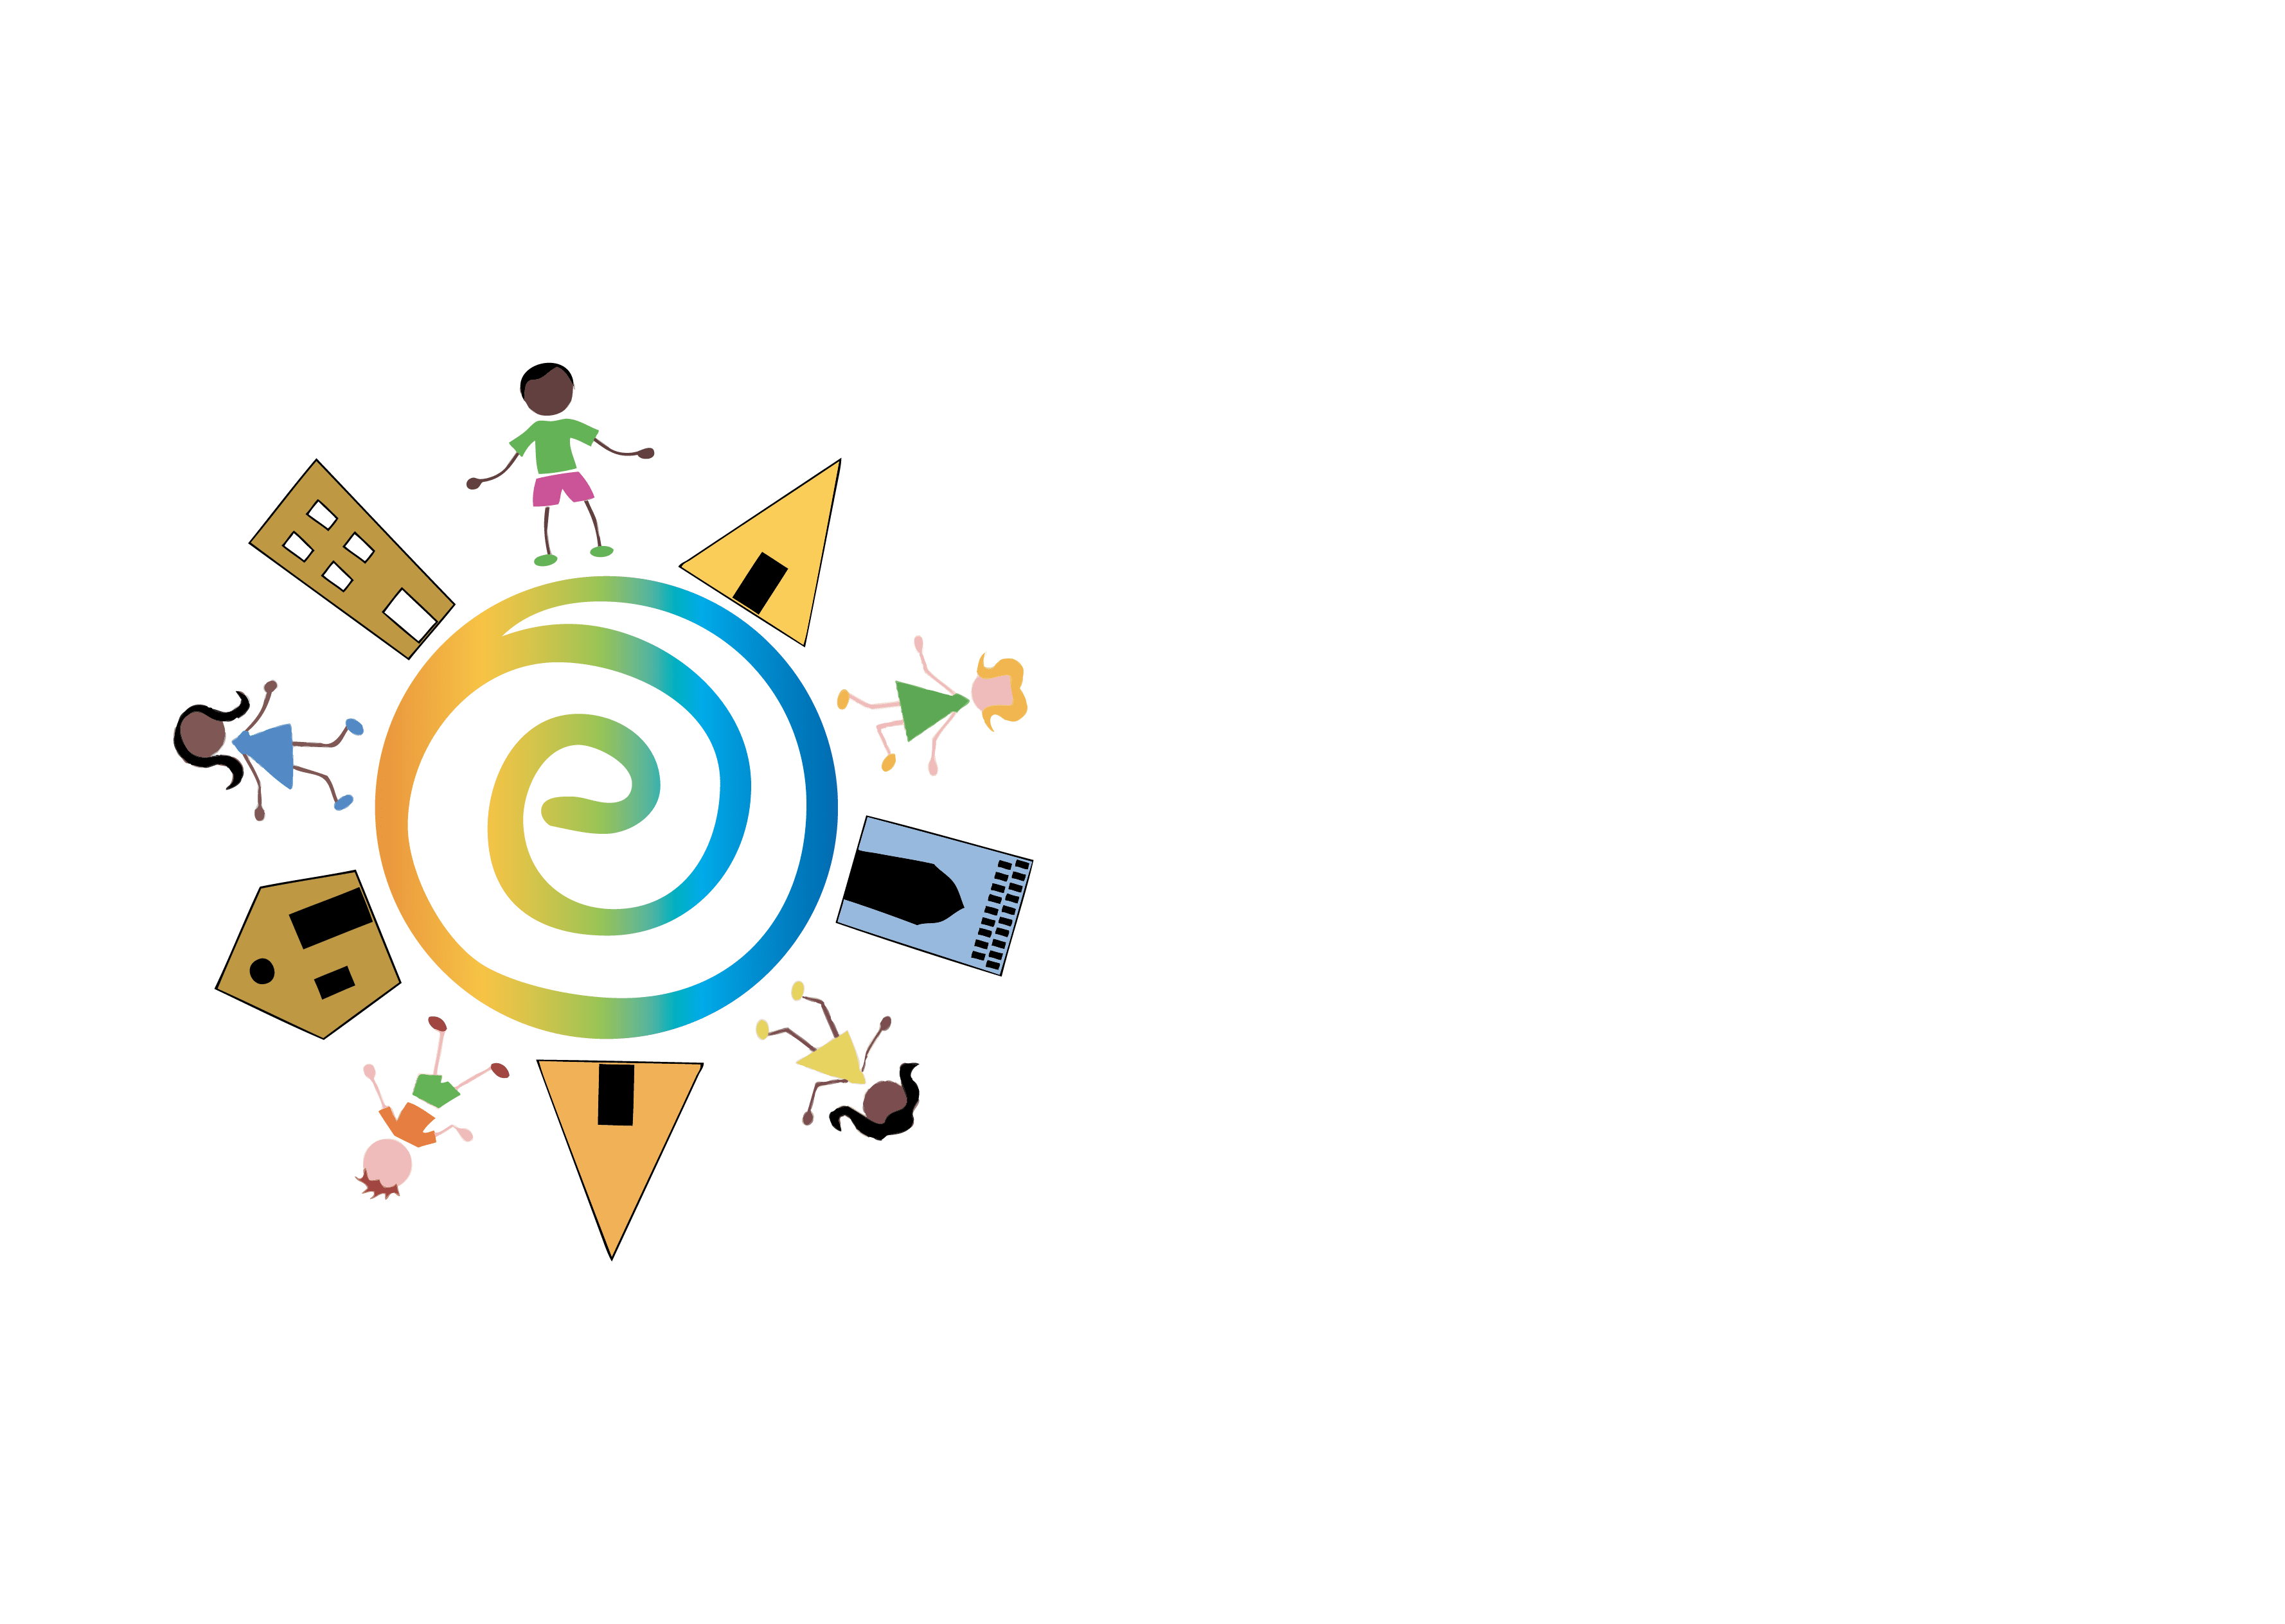 Coop Ellebi